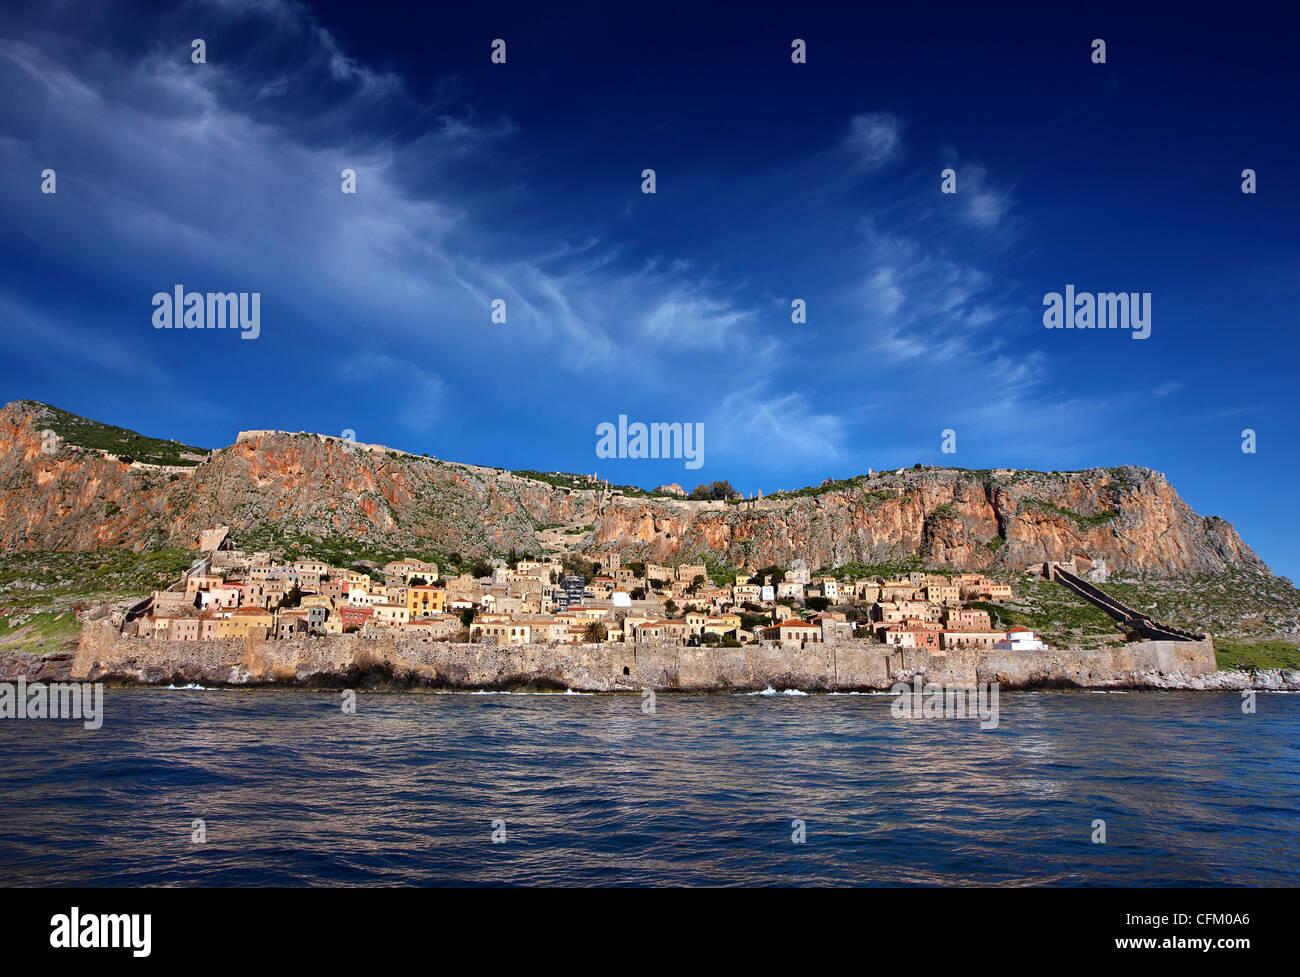 """Beeindruckende Aussicht auf das mittelalterliche """"Castletown"""" von Monemvasia vom Meer, während einer Stockbild"""